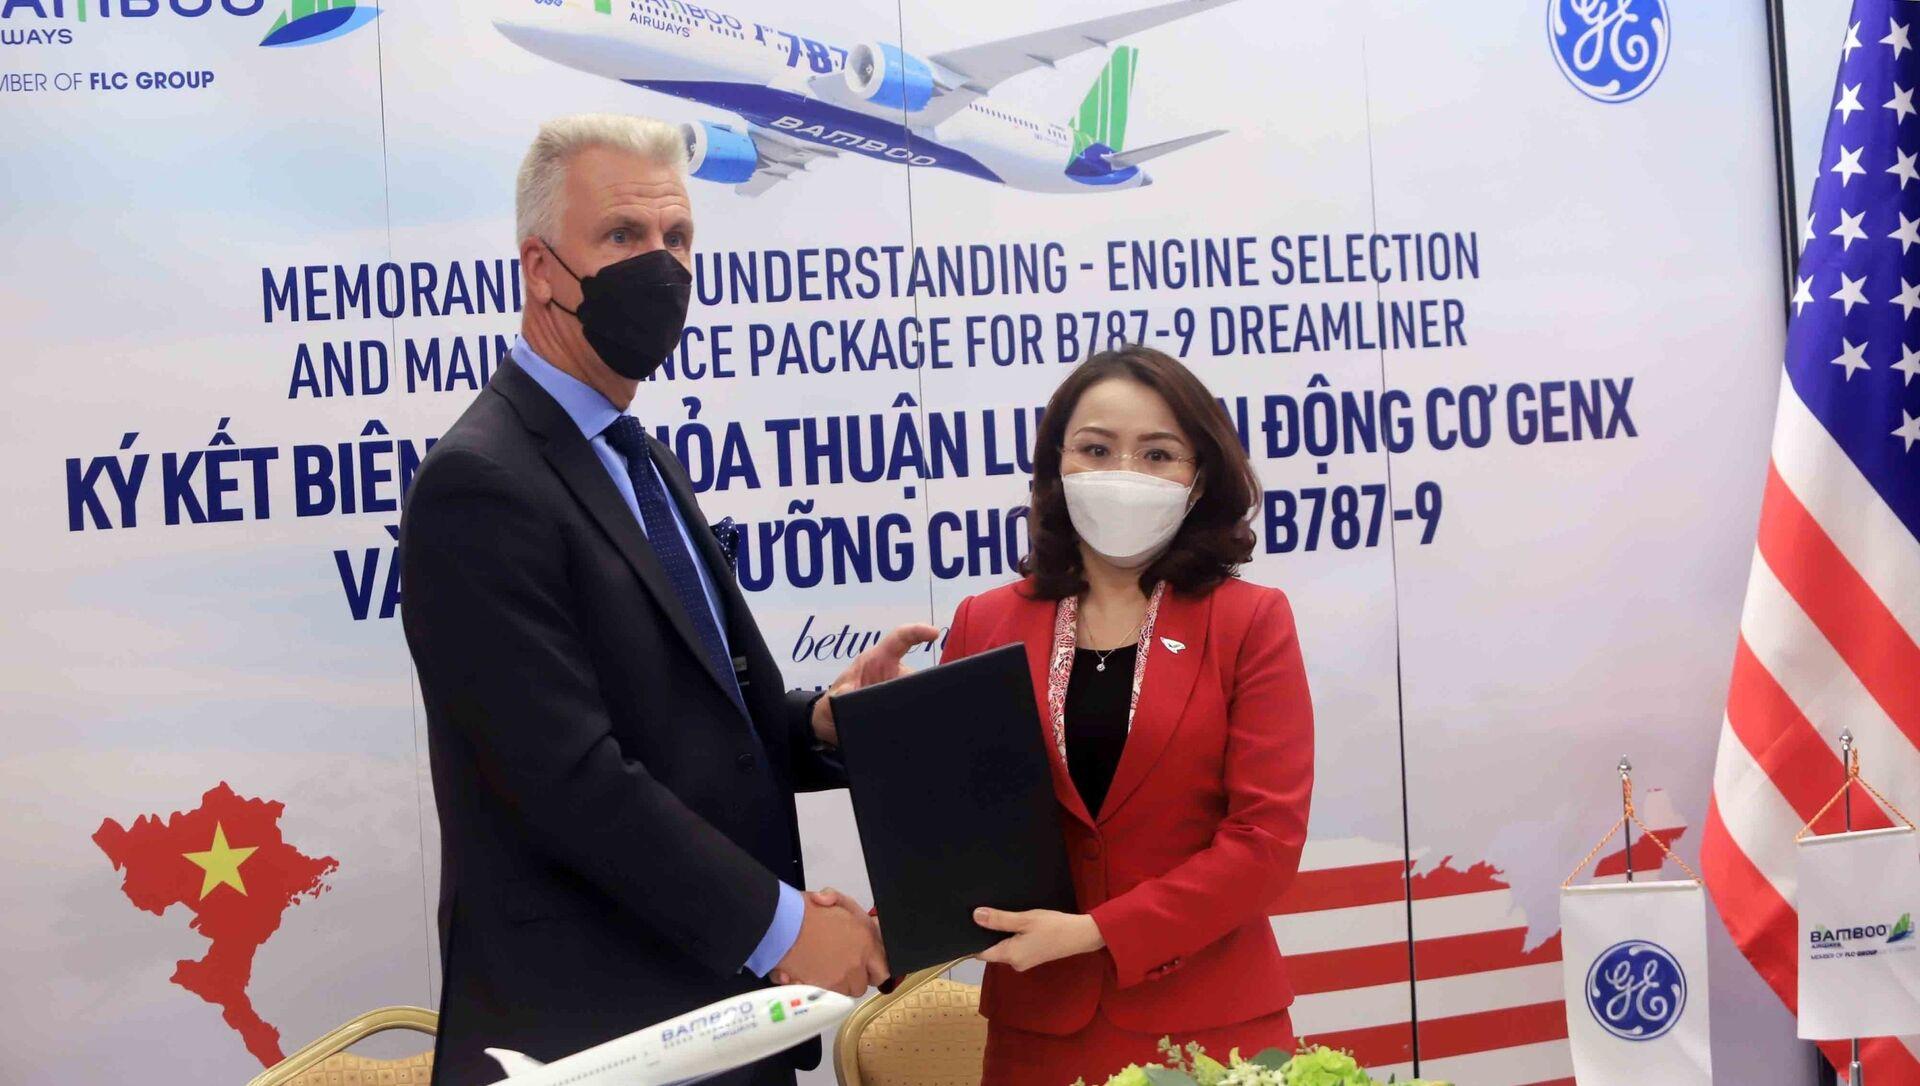 Chủ tịch nước Nguyễn Xuân Phúc chứng kiến Lễ ký văn kiện hợp tác giữa Bamboo Airways và các đối tác GE, CFM International, AviaWorld LCC. - Sputnik Việt Nam, 1920, 22.09.2021